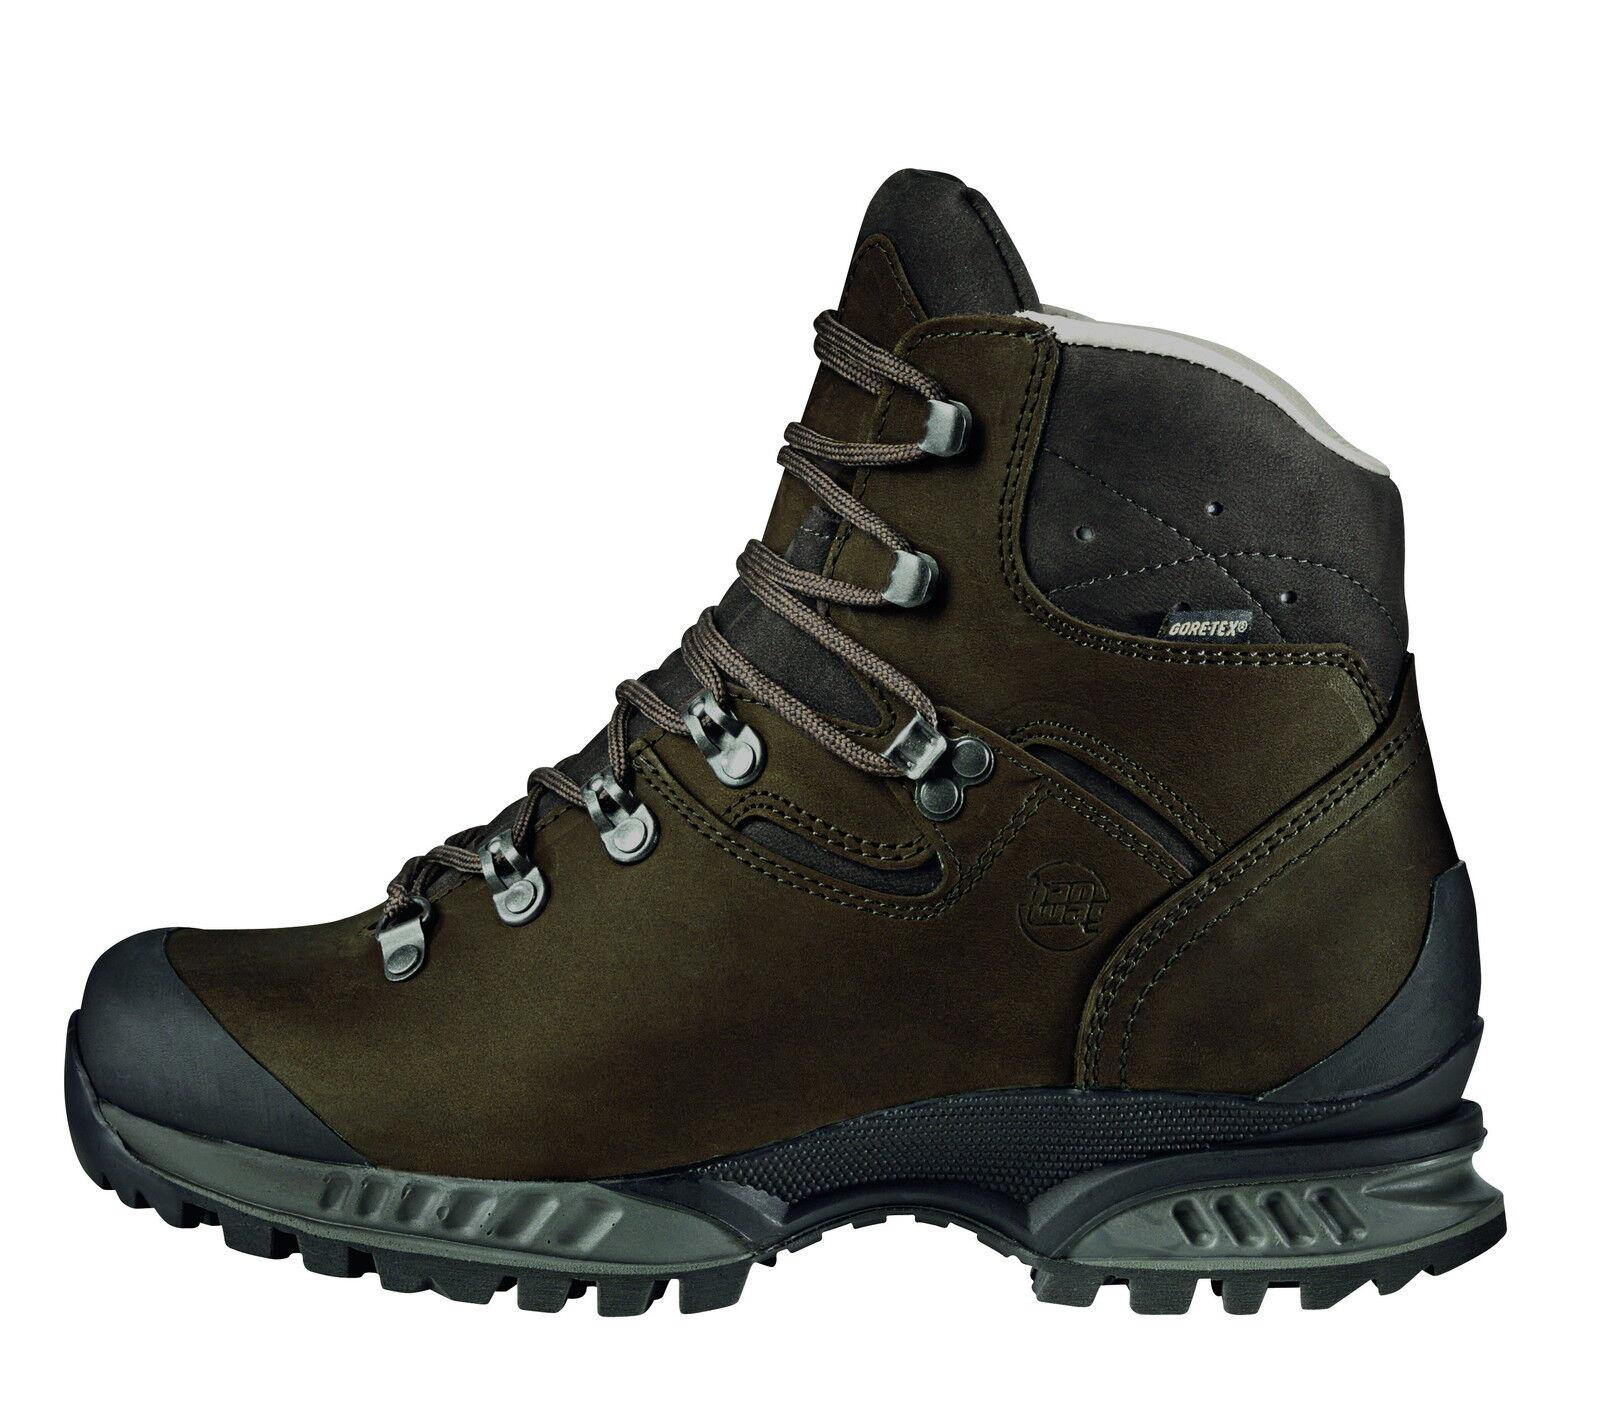 Hanwag zapatos 7,5 de montaña: Tatra Lady cuero tamaño 7,5 zapatos - tierra 41,5 d9194e